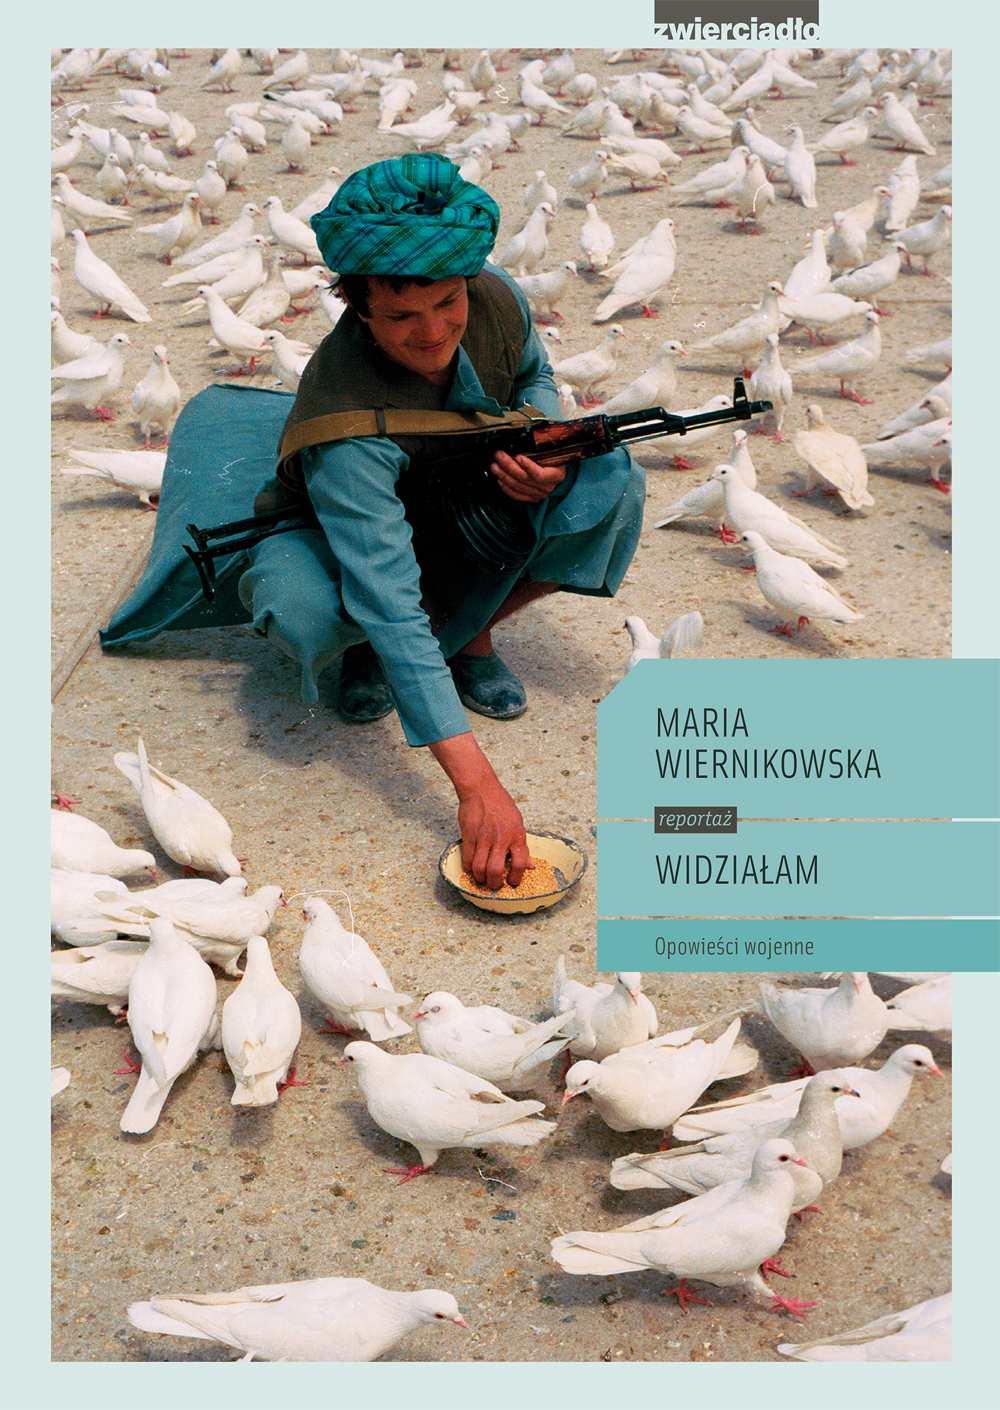 Widziałam. Opowieści wojenne - Ebook (Książka EPUB) do pobrania w formacie EPUB